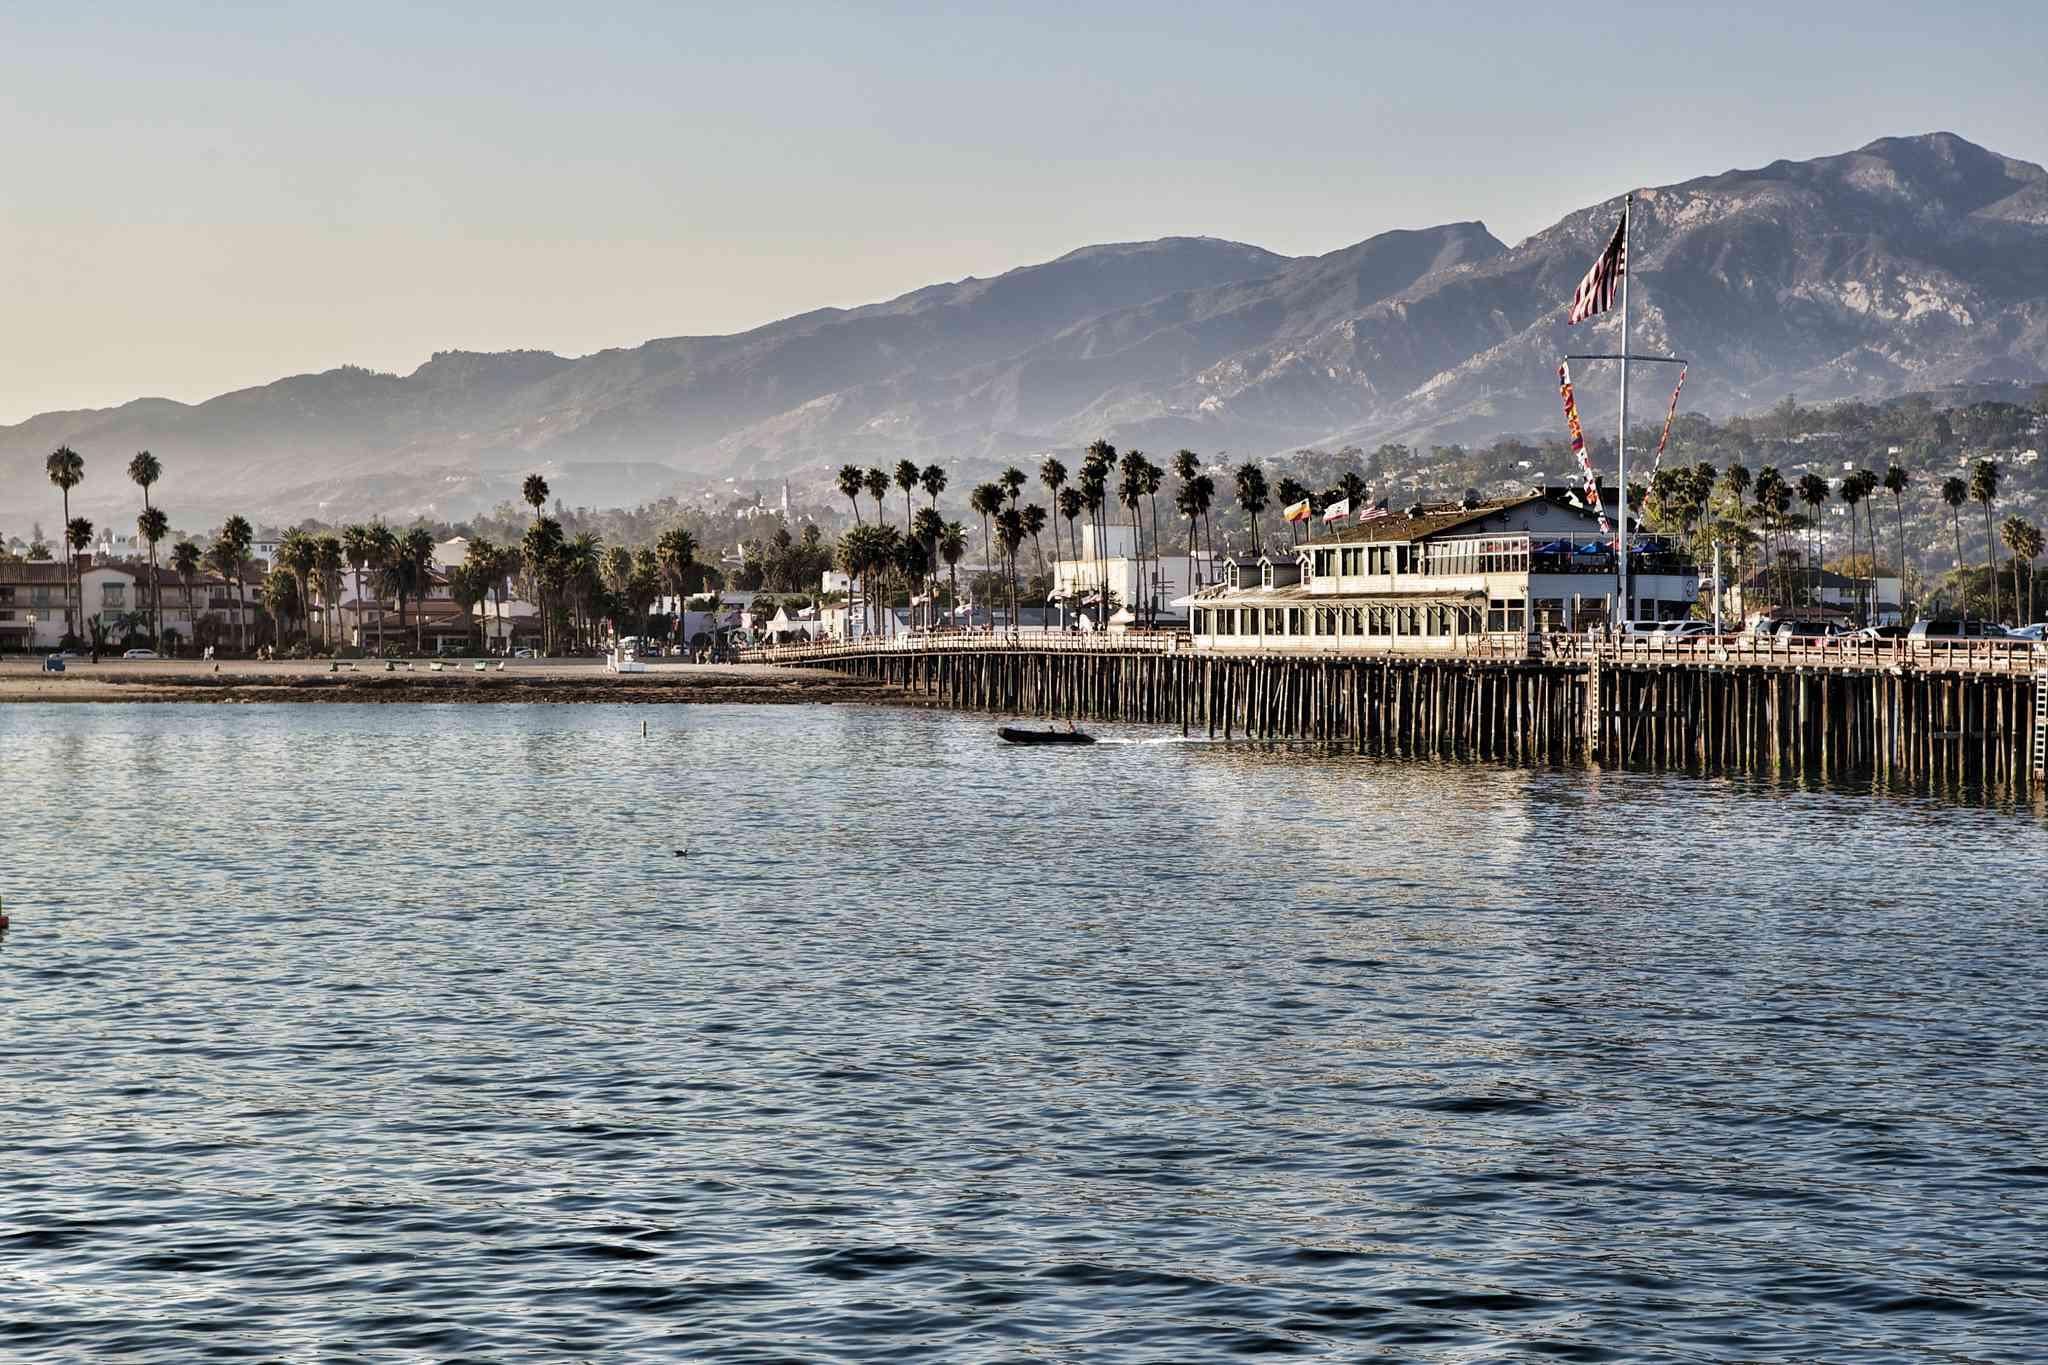 Santa Barbara from the water